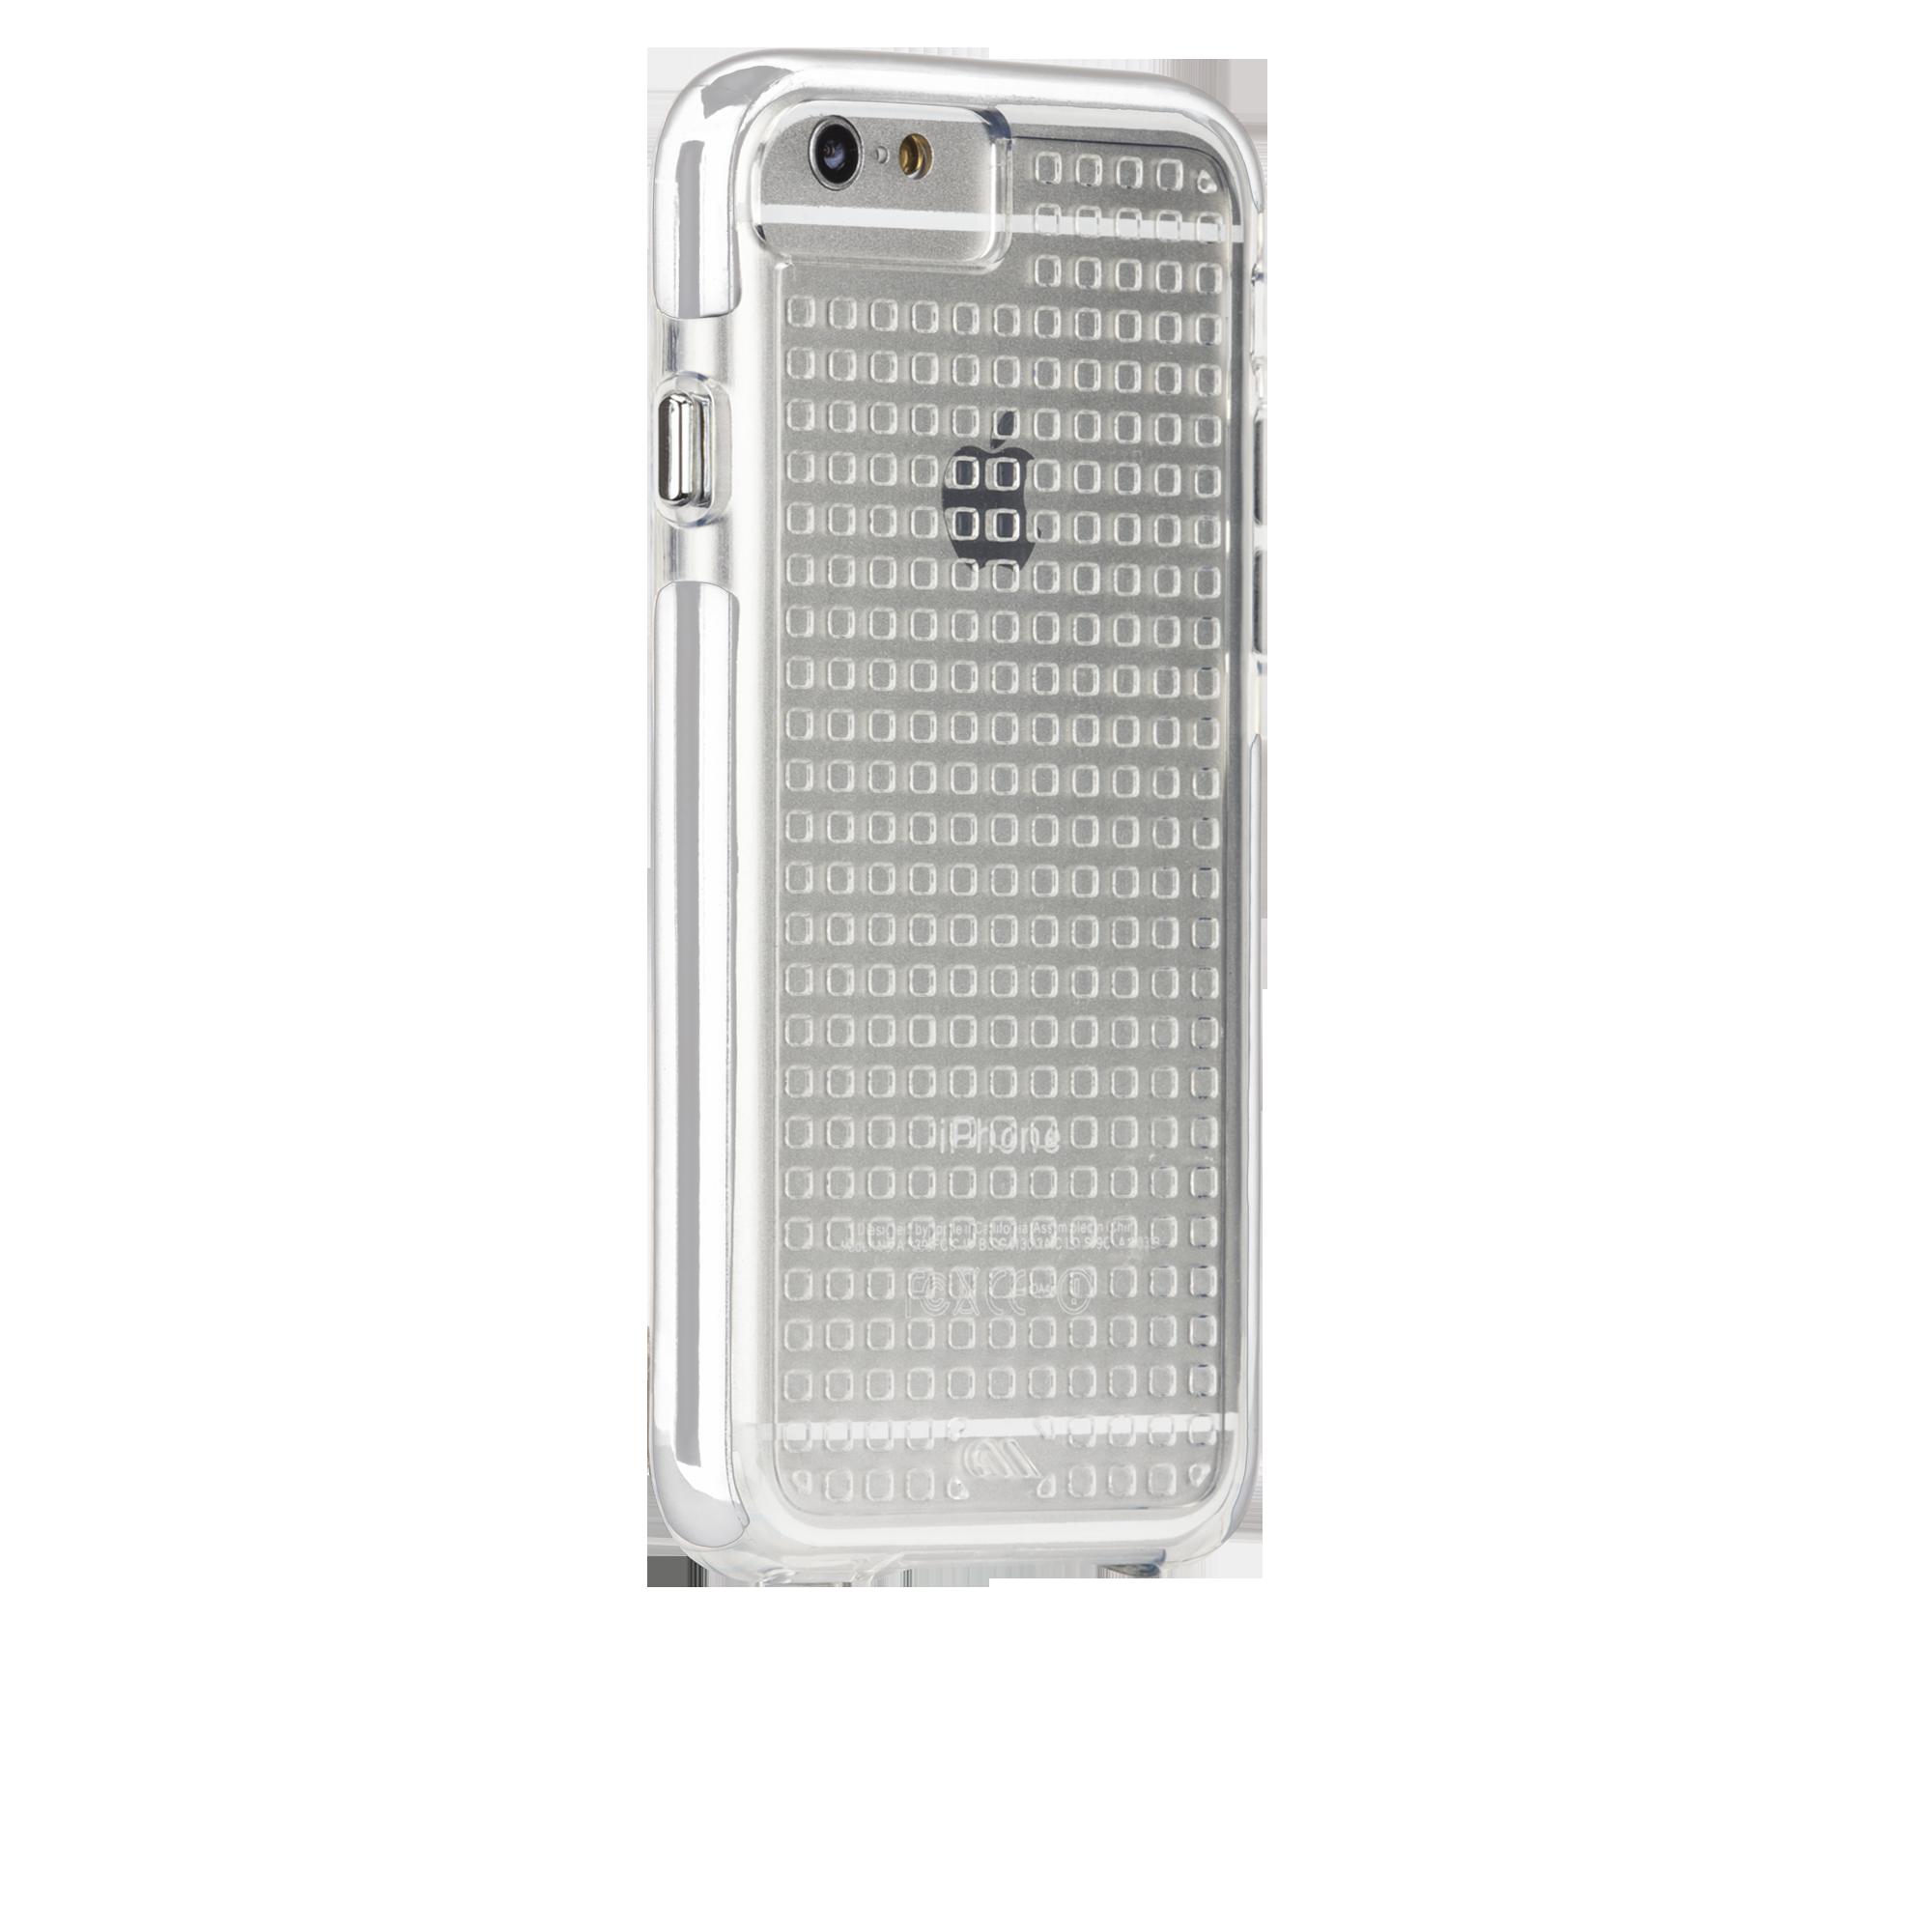 Tough Air Case - Clear & White